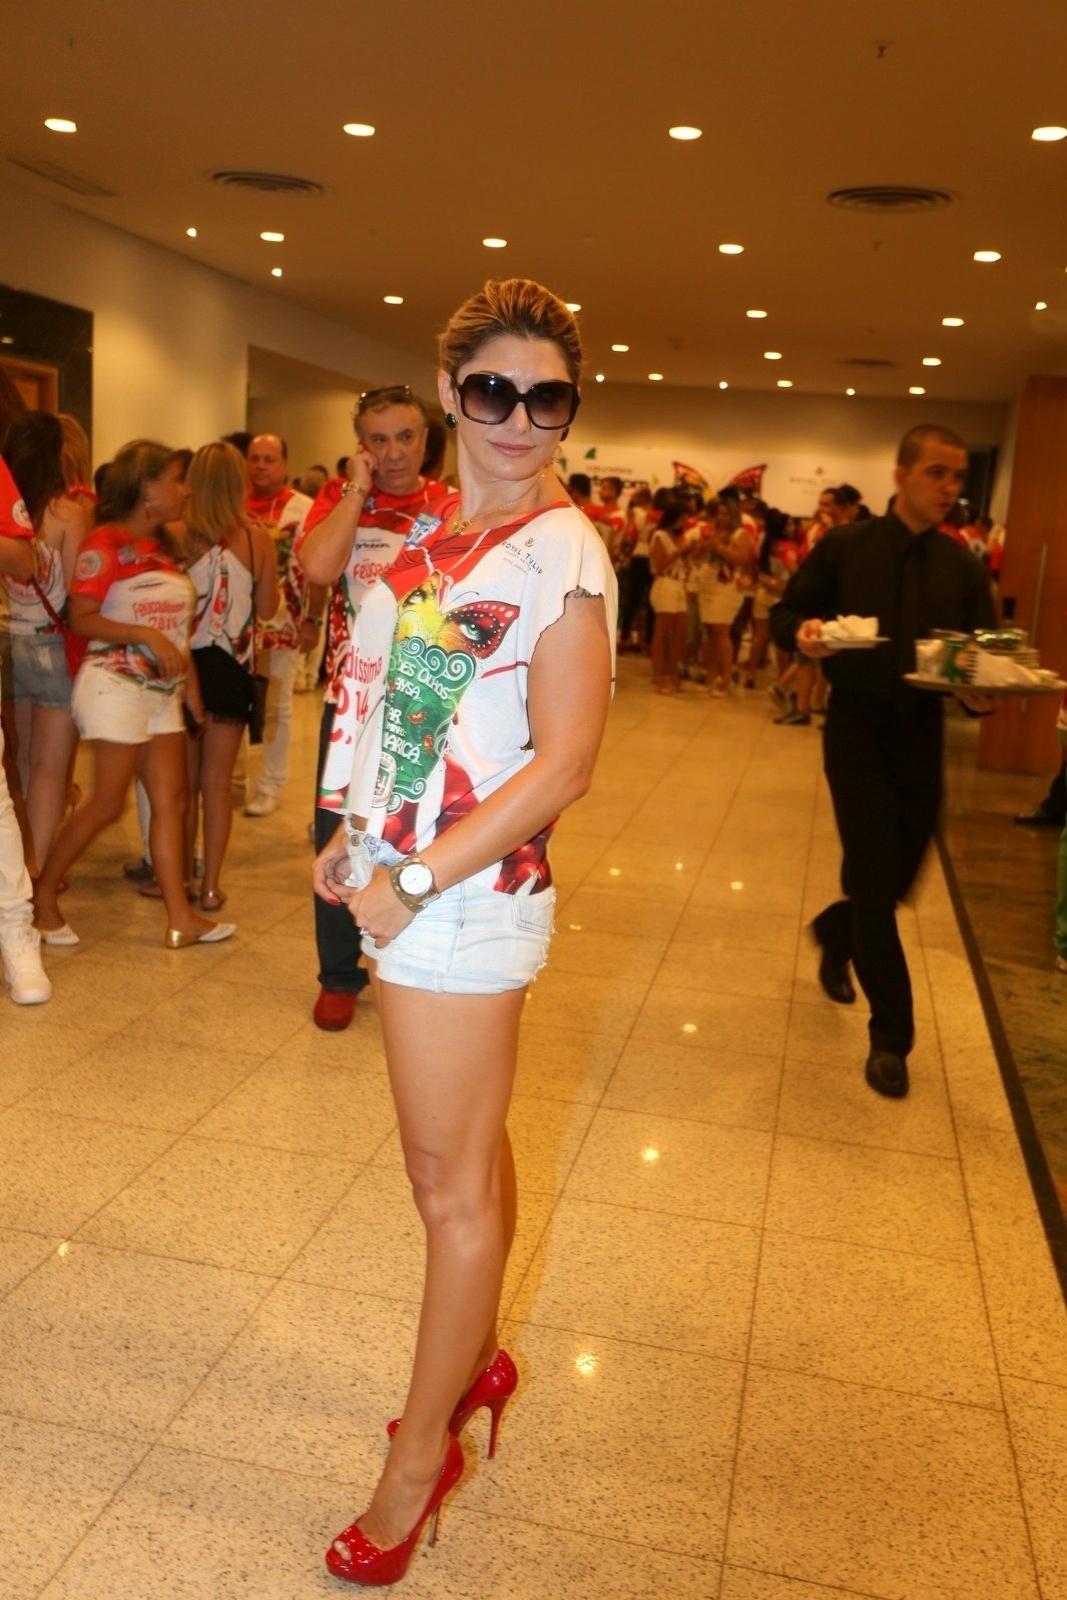 23.fev.2014 - Antônia Fontenelle na Feijoada da Grande Rio no Hotel Royal Tulip, em São Conrado, na Zona Sul do Rio de Janeiro, na tarde deste domingo (23)